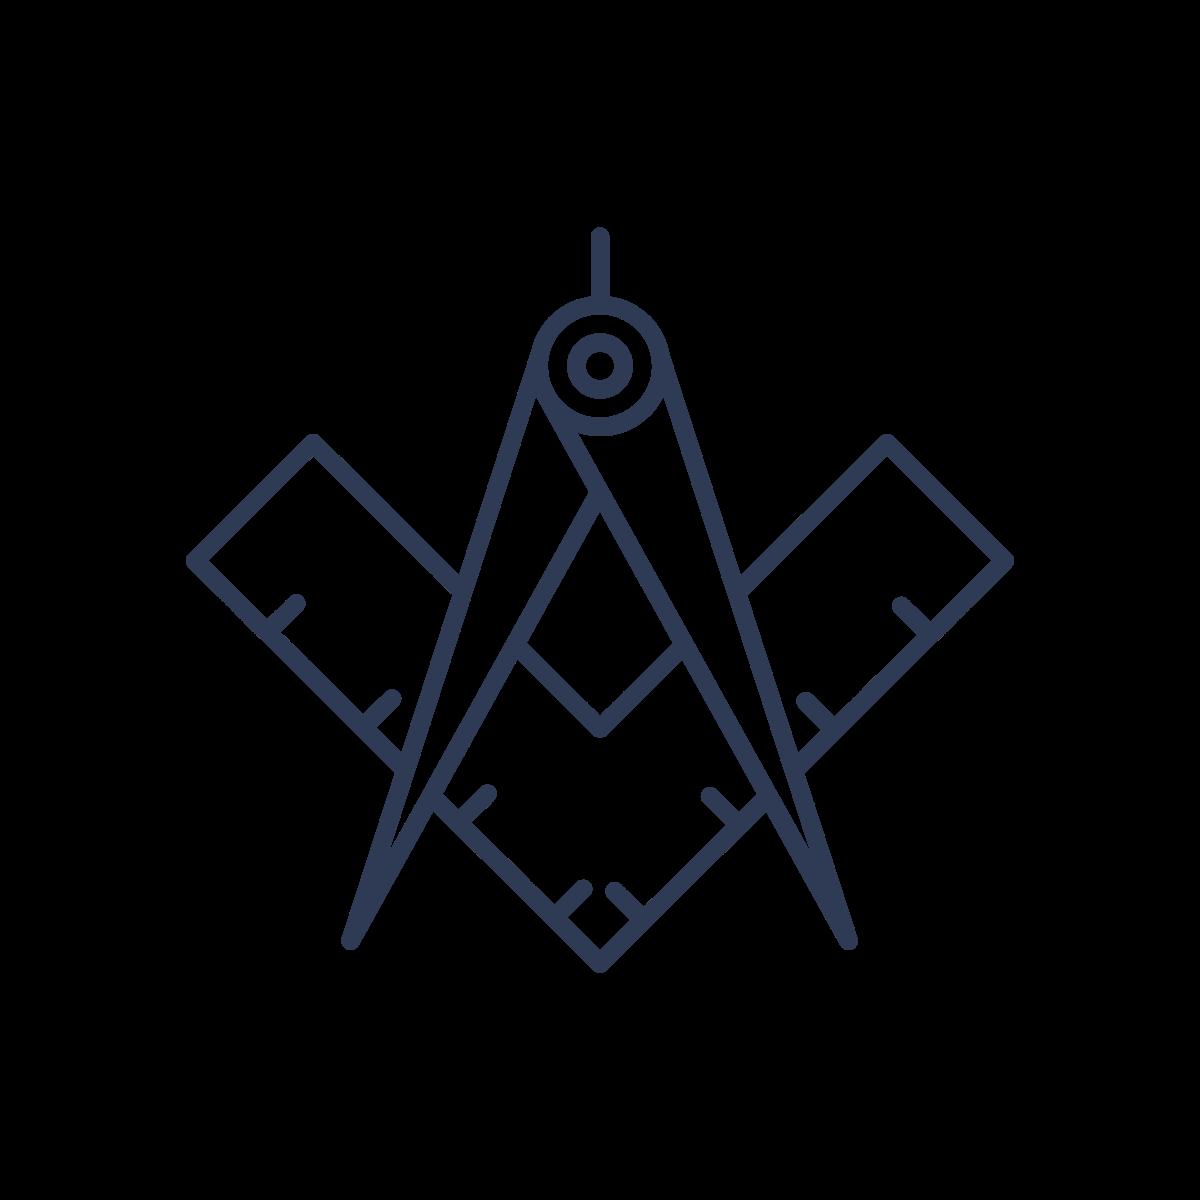 icon-architecture